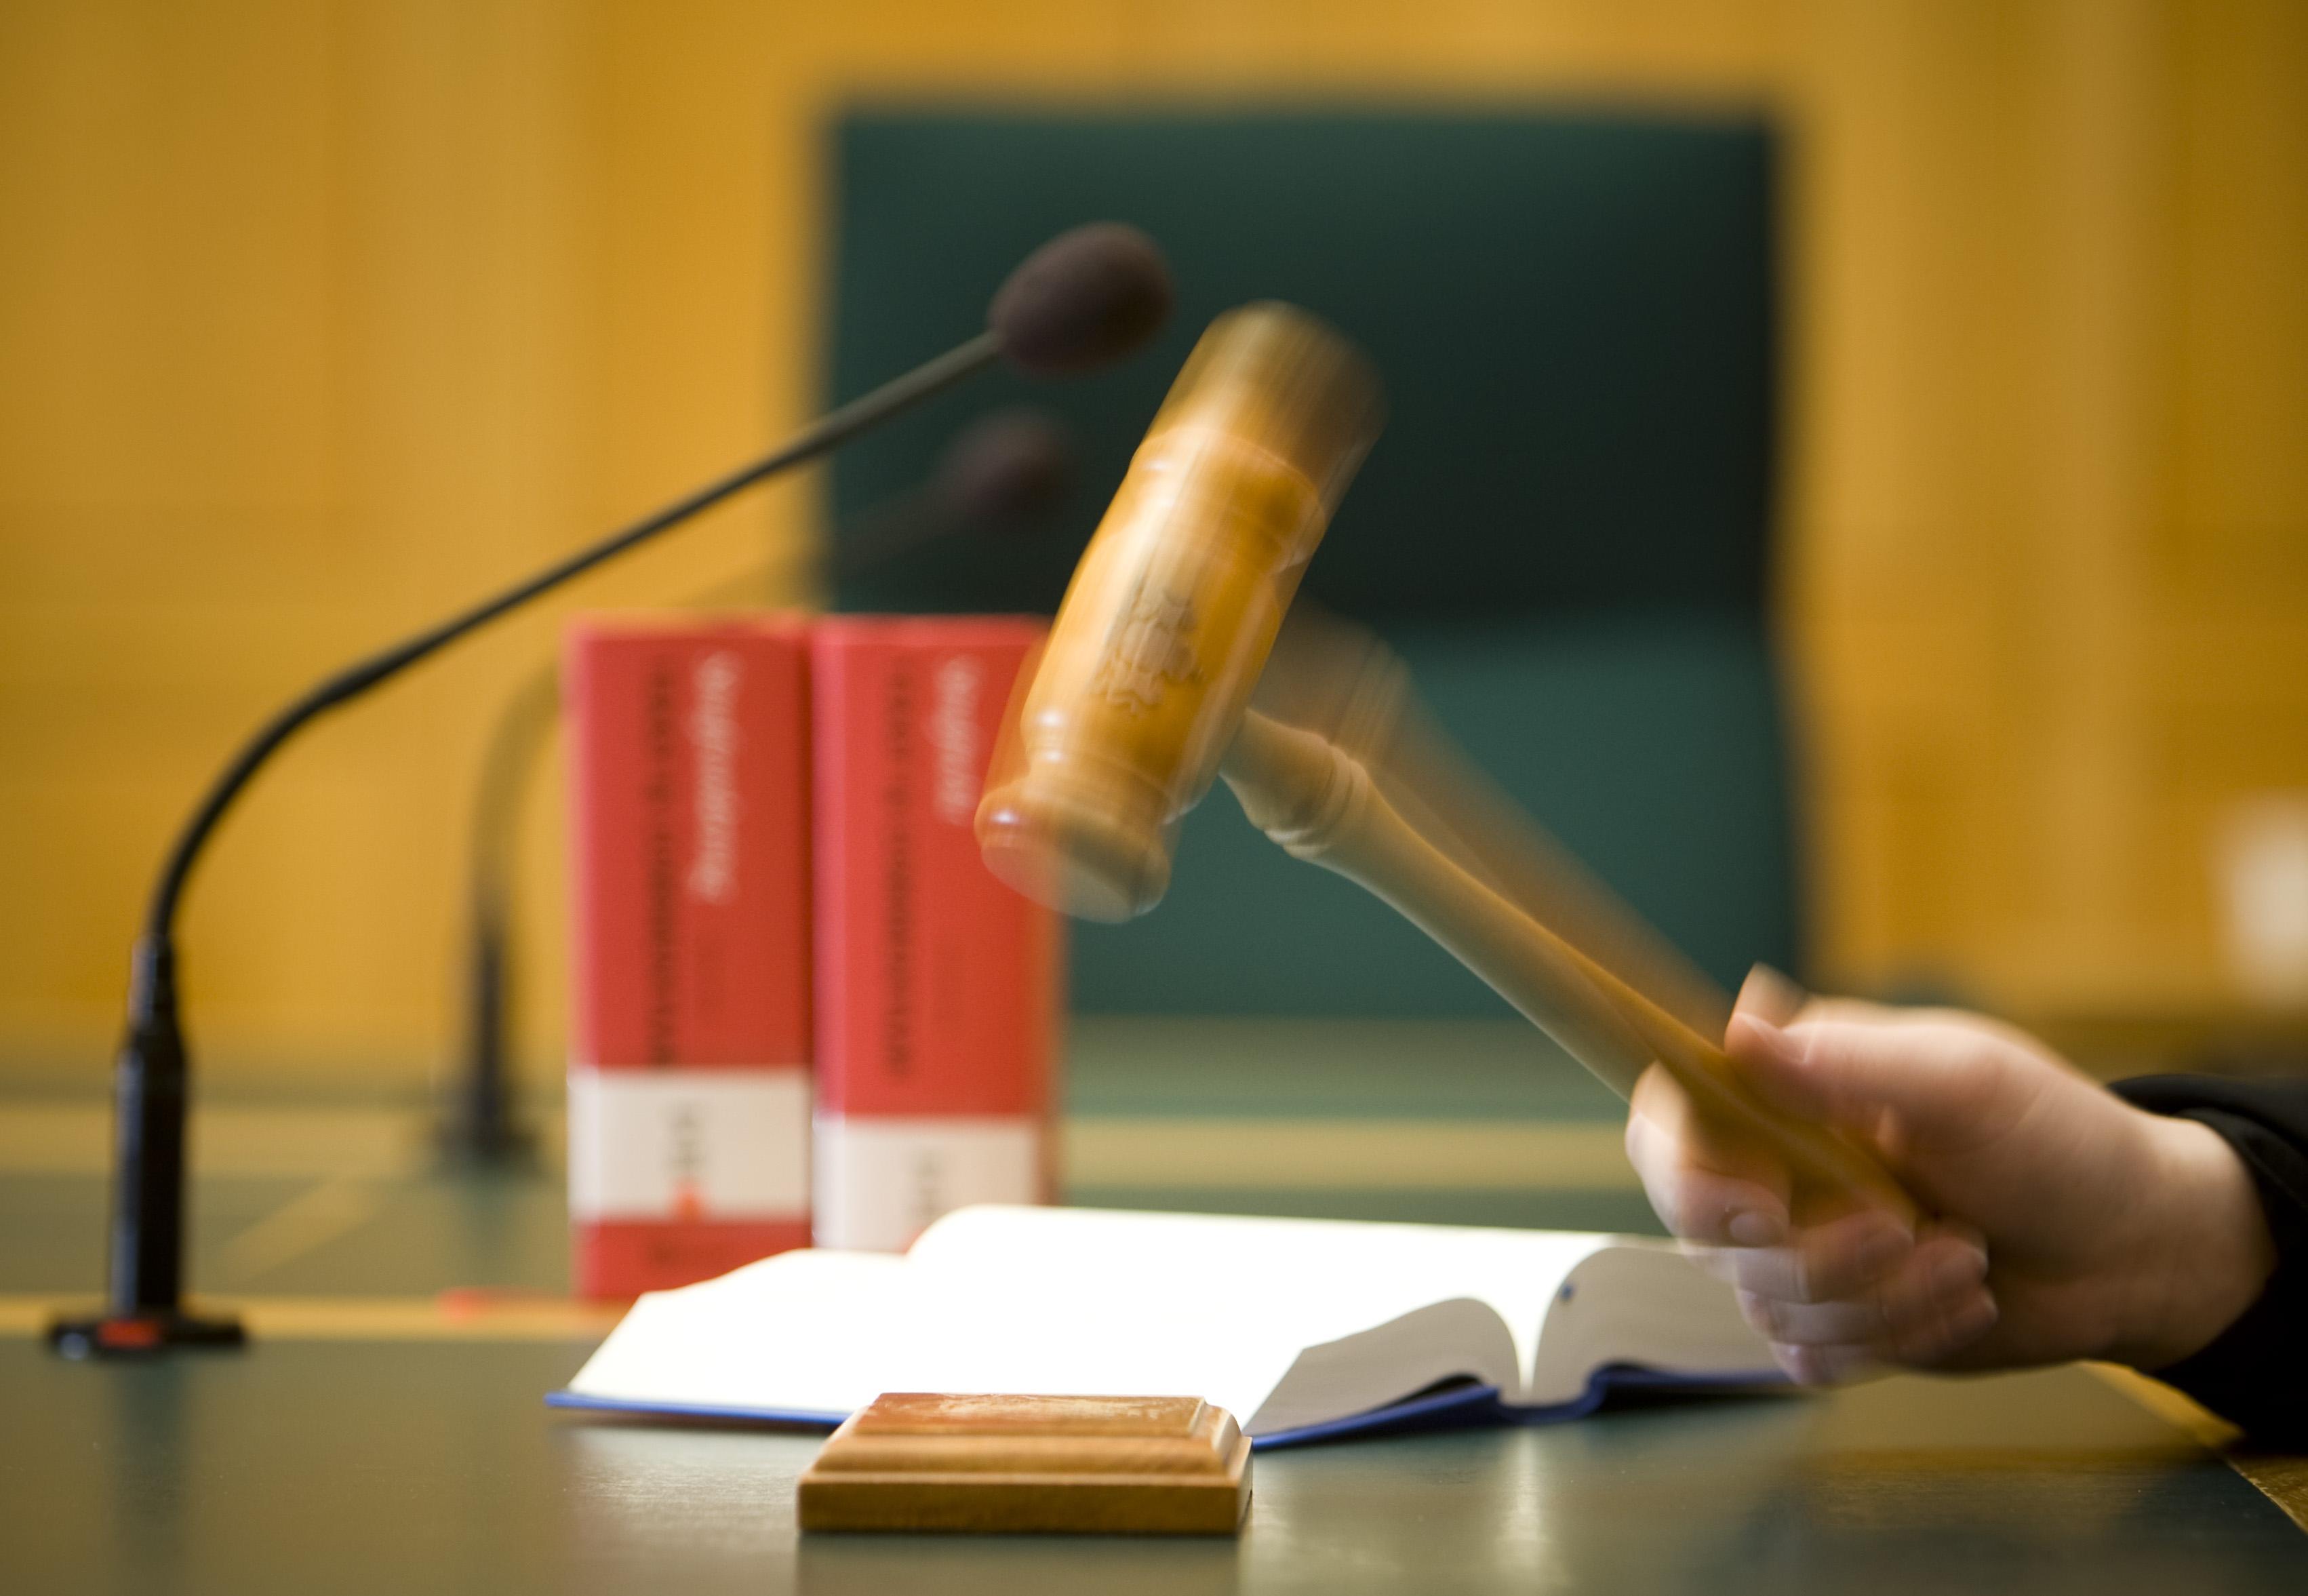 Straf heeft geen zin, zegt advocate van zwakbegaafde Noordwijkse verdachte zedenzaak